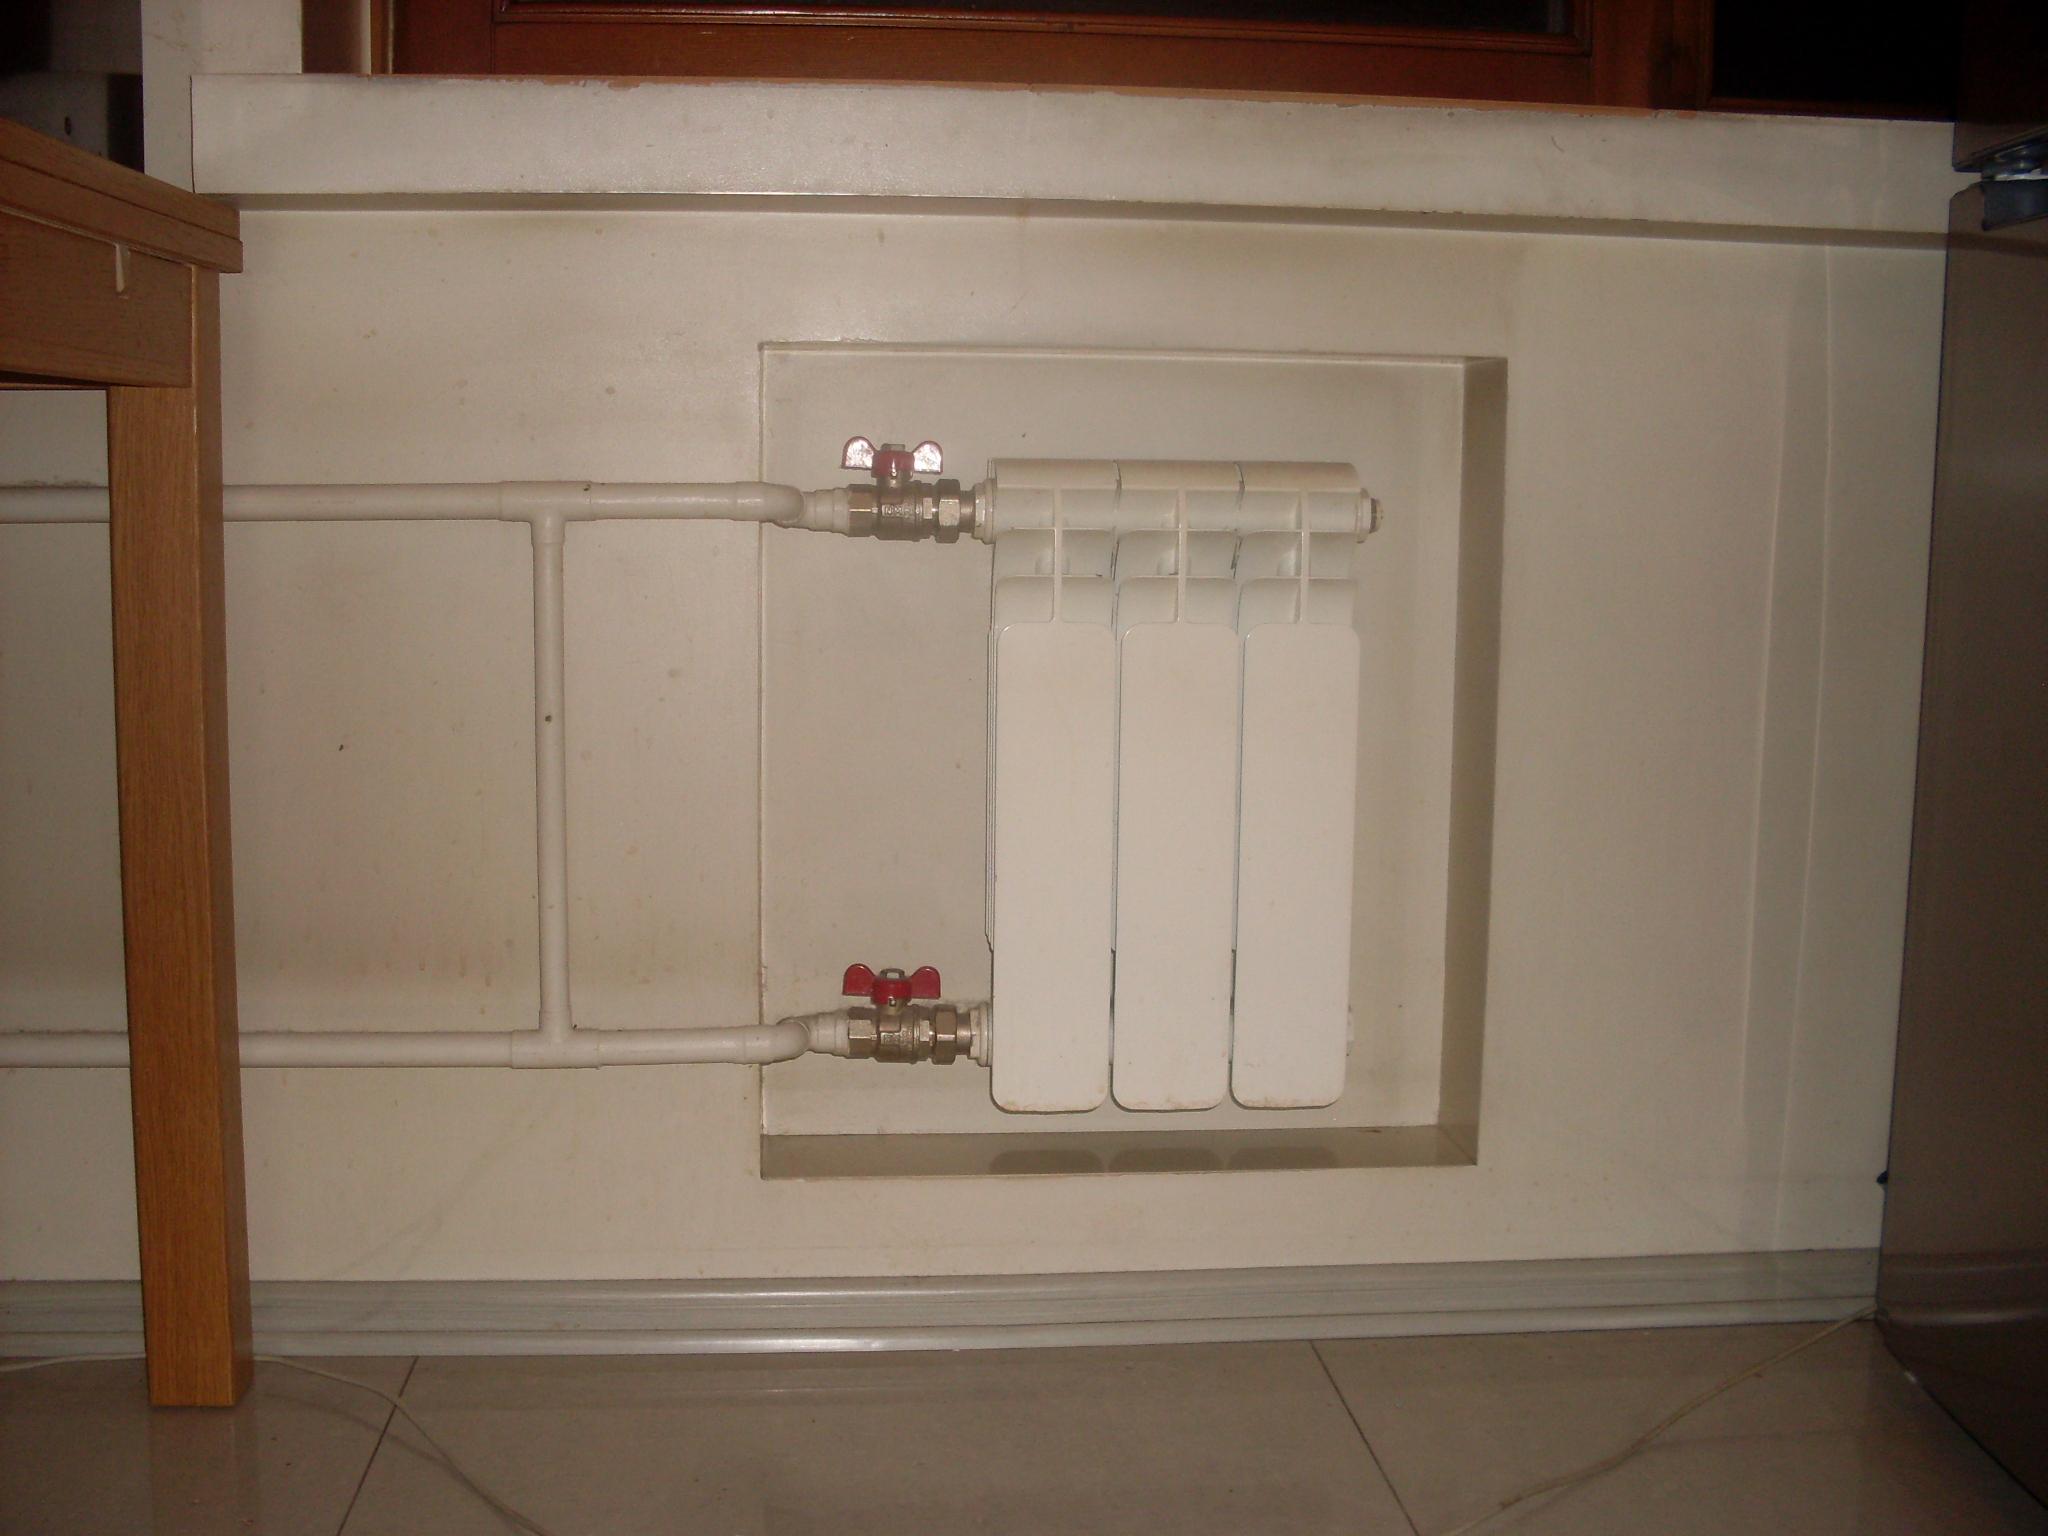 Радиатор вместо холодильника под окном